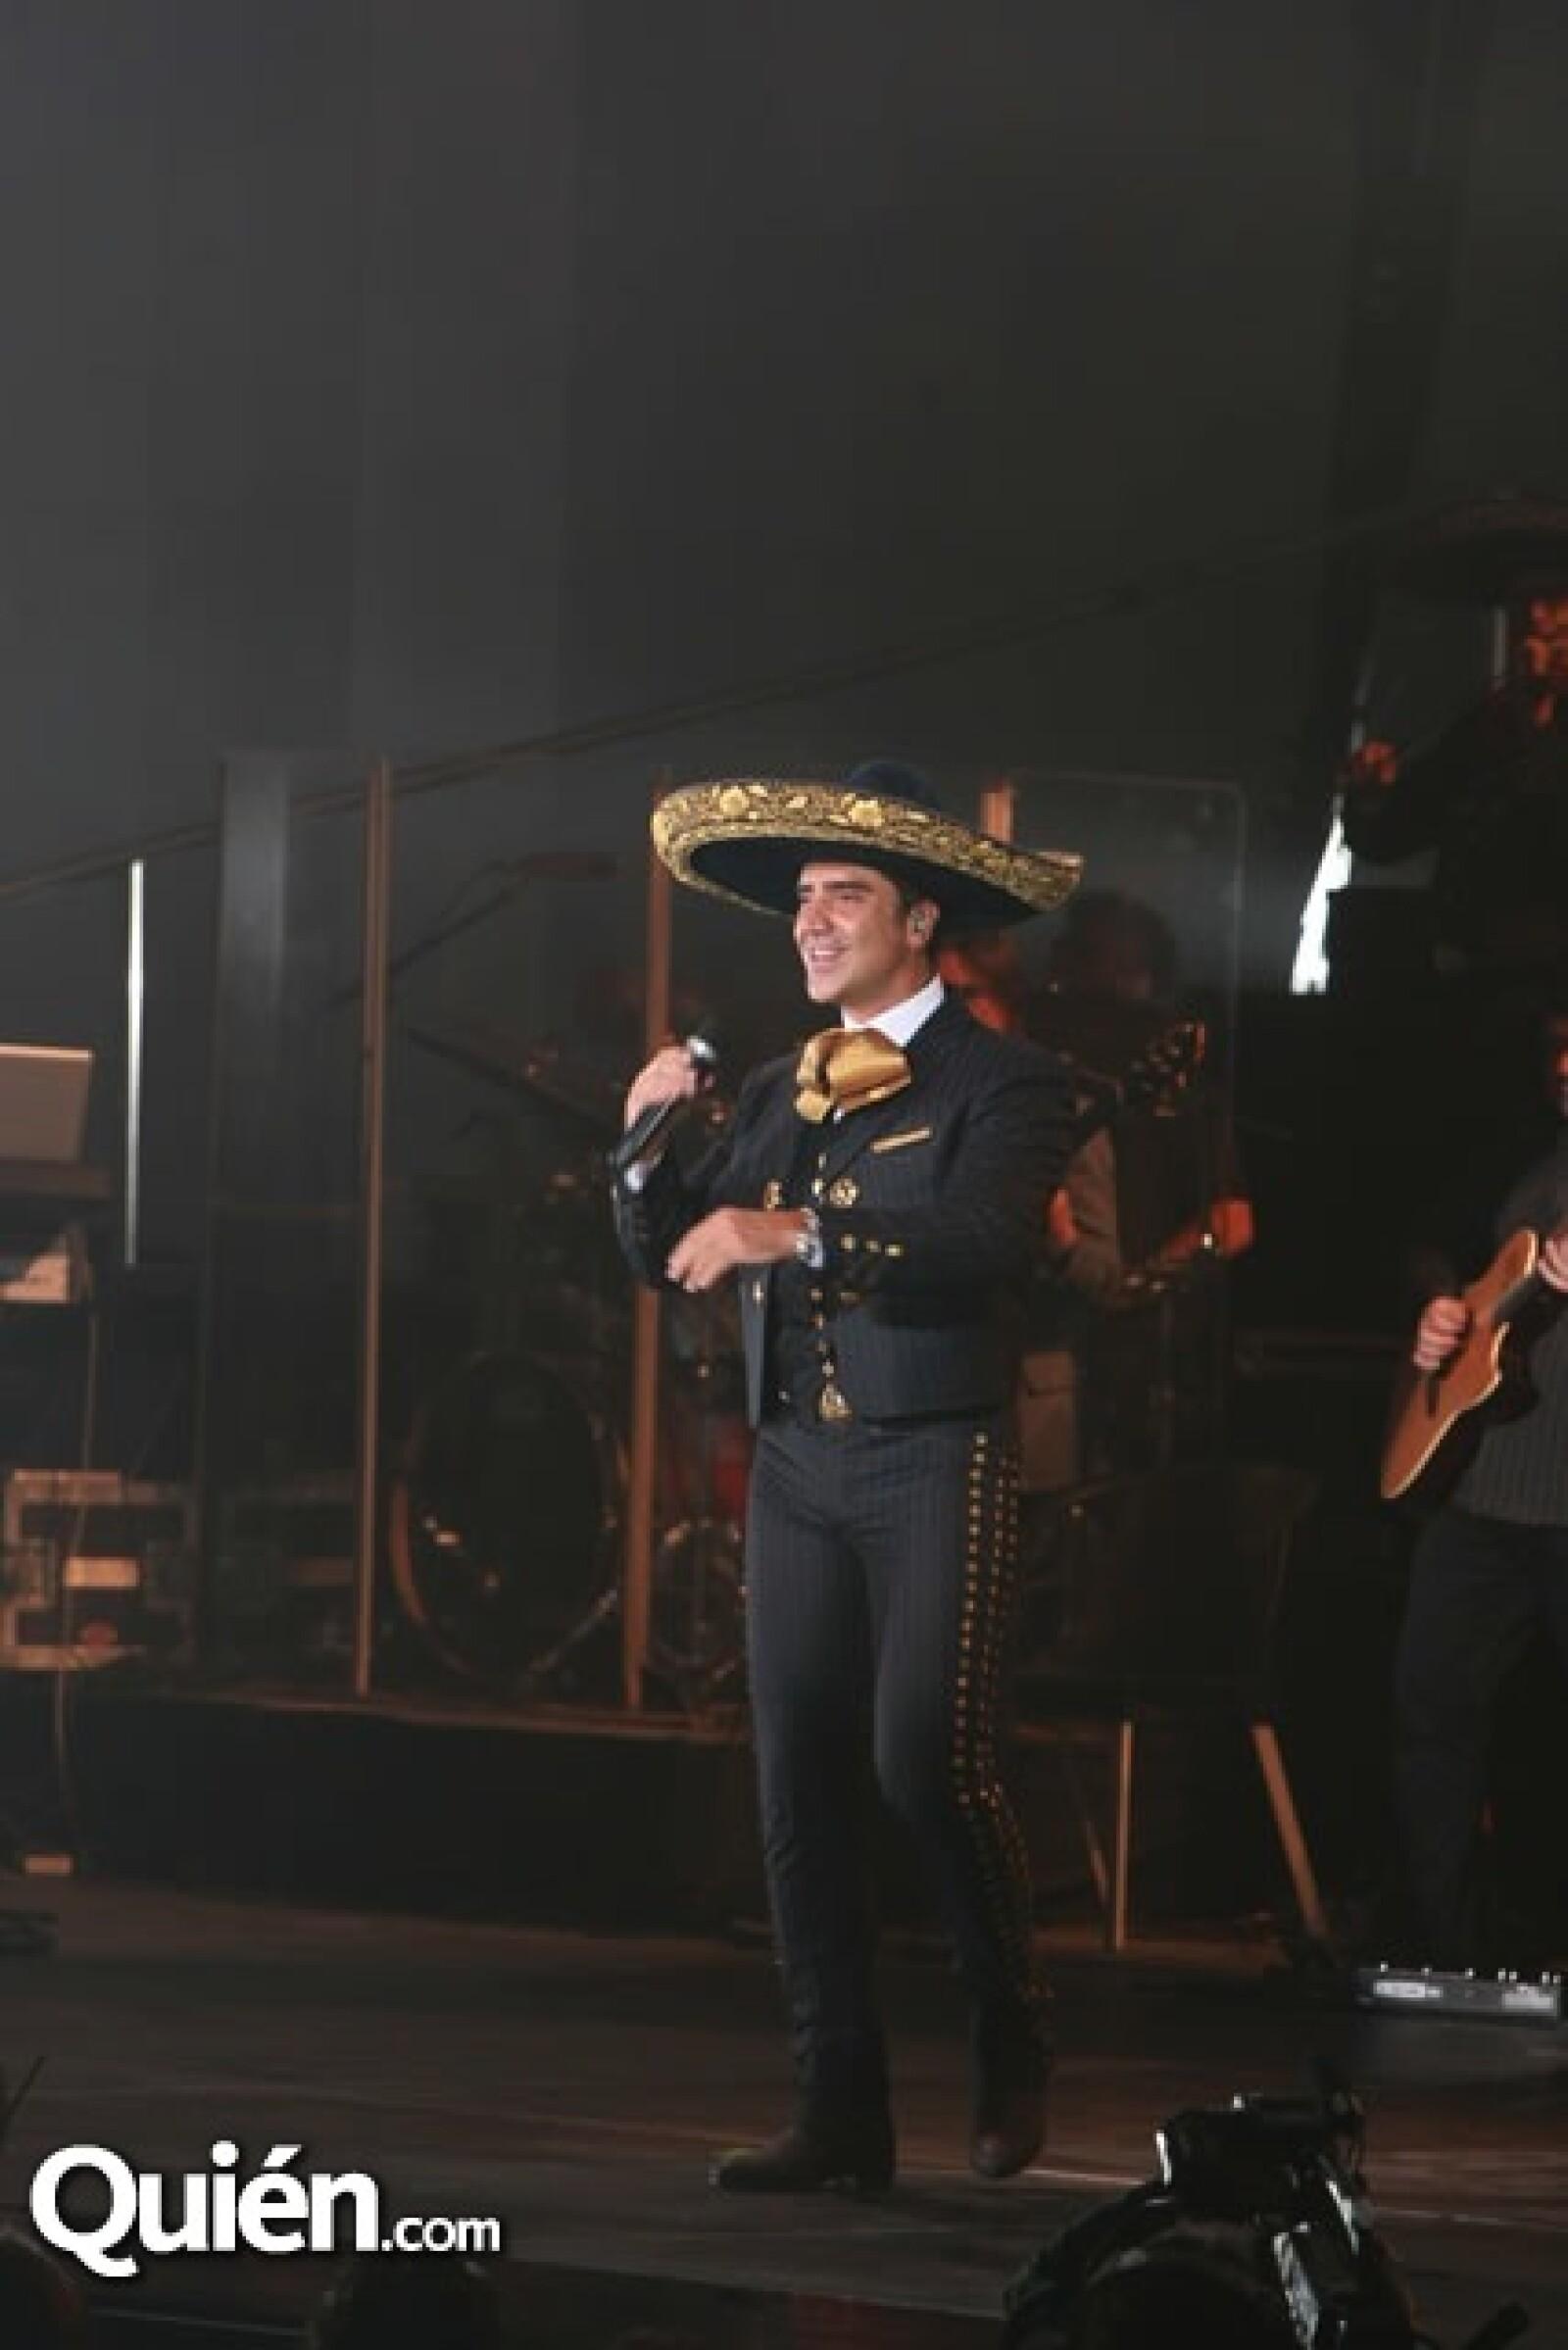 El cantante mostró toda su simpatía arriba del escenario.